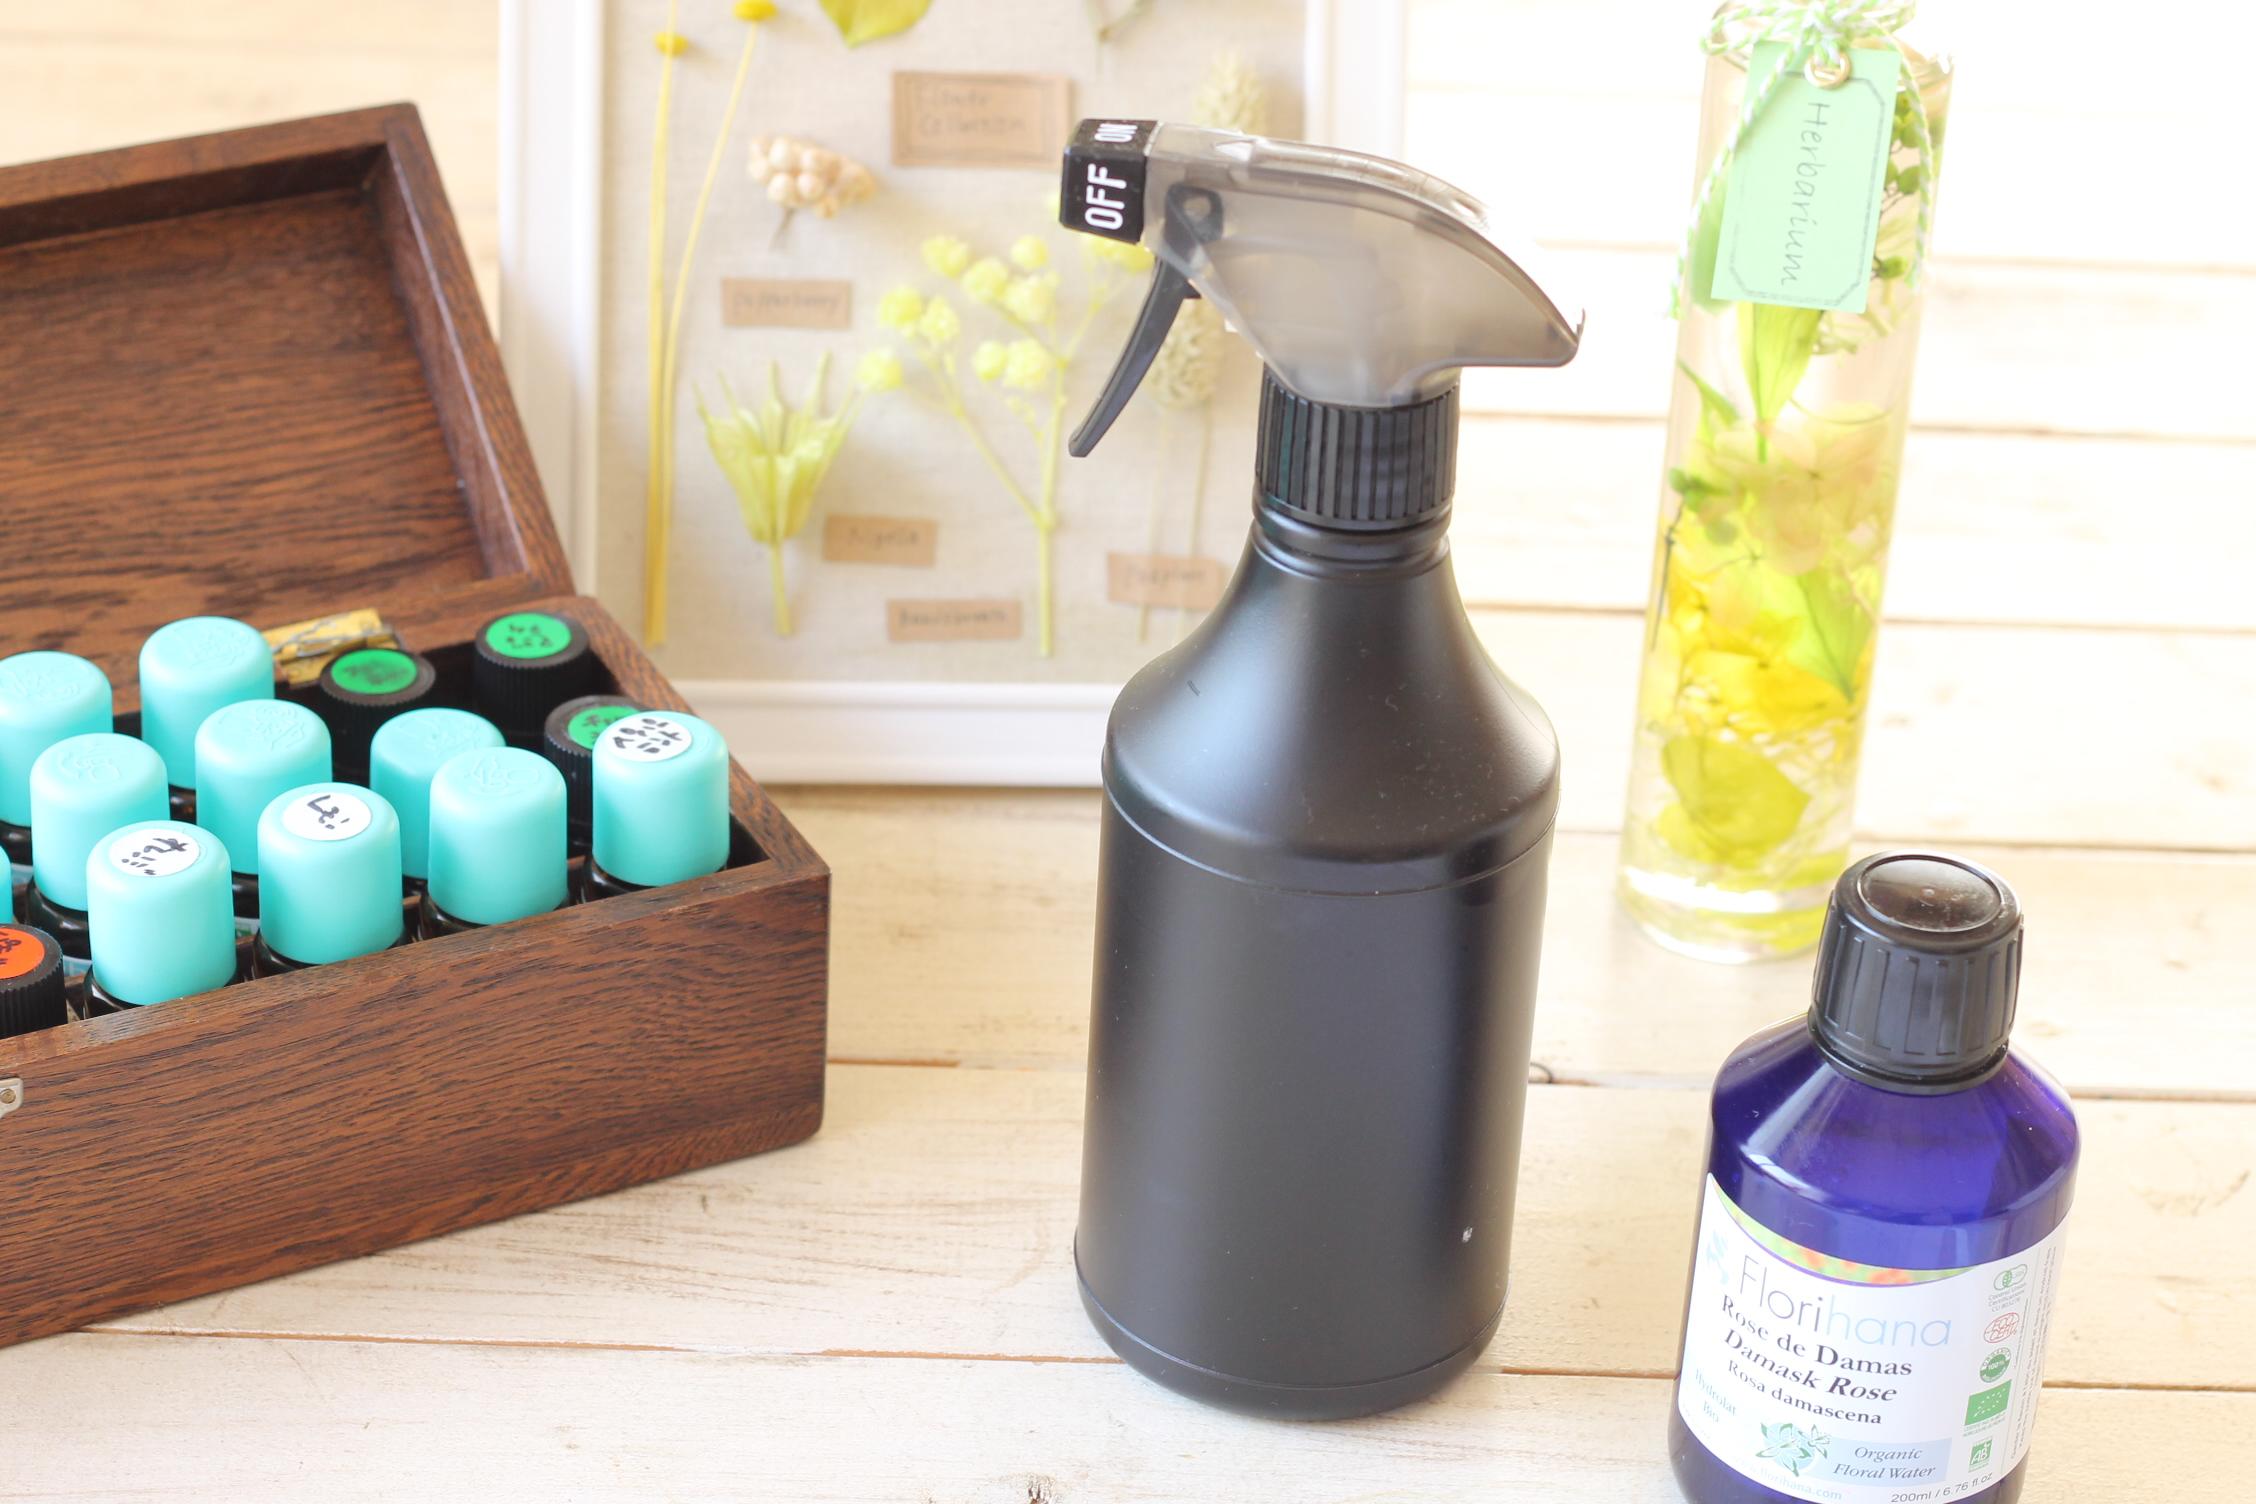 アロマレッスンレポ♪気分転換や集中力をアップしたいときの香りって?